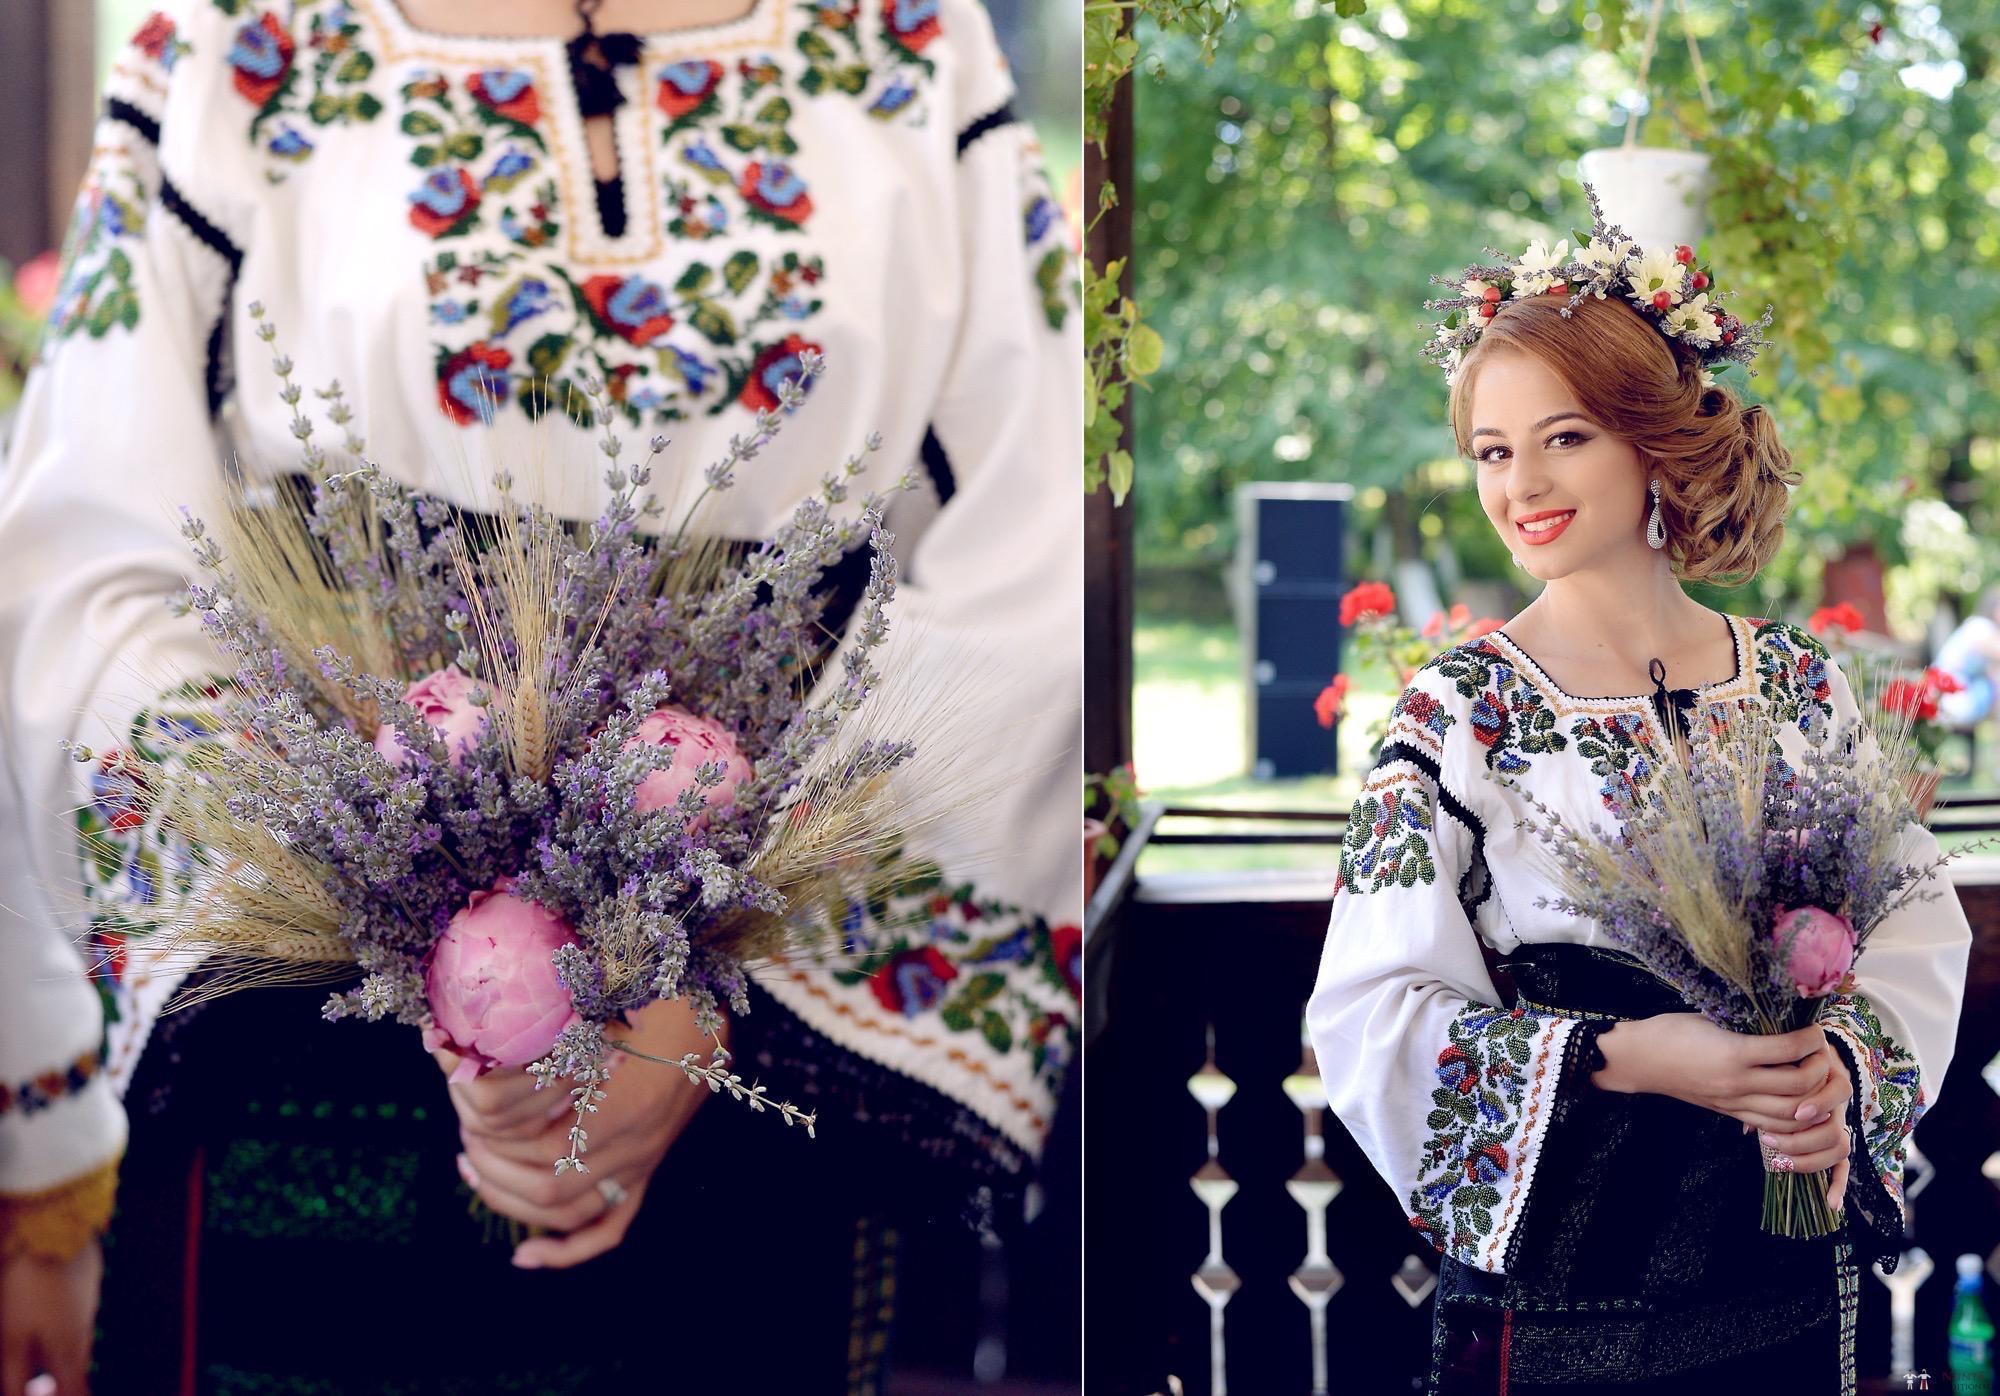 Povești Nunți Tradiționale - Iulia și Andrei. Nuntă tradițională în Bucovina. 11